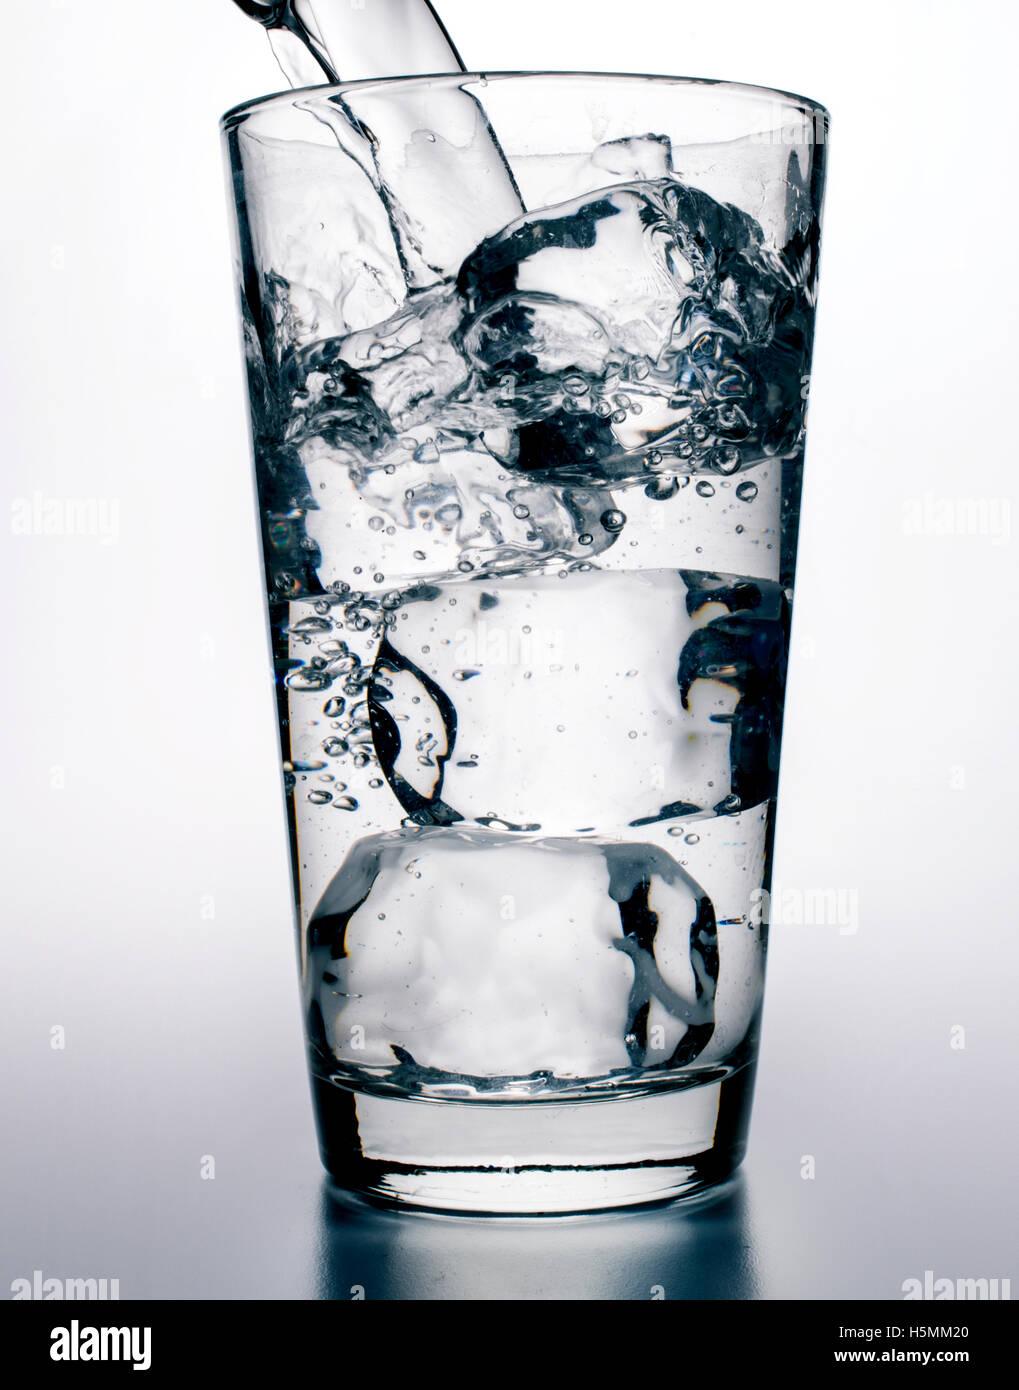 Eiswasser Stockbild